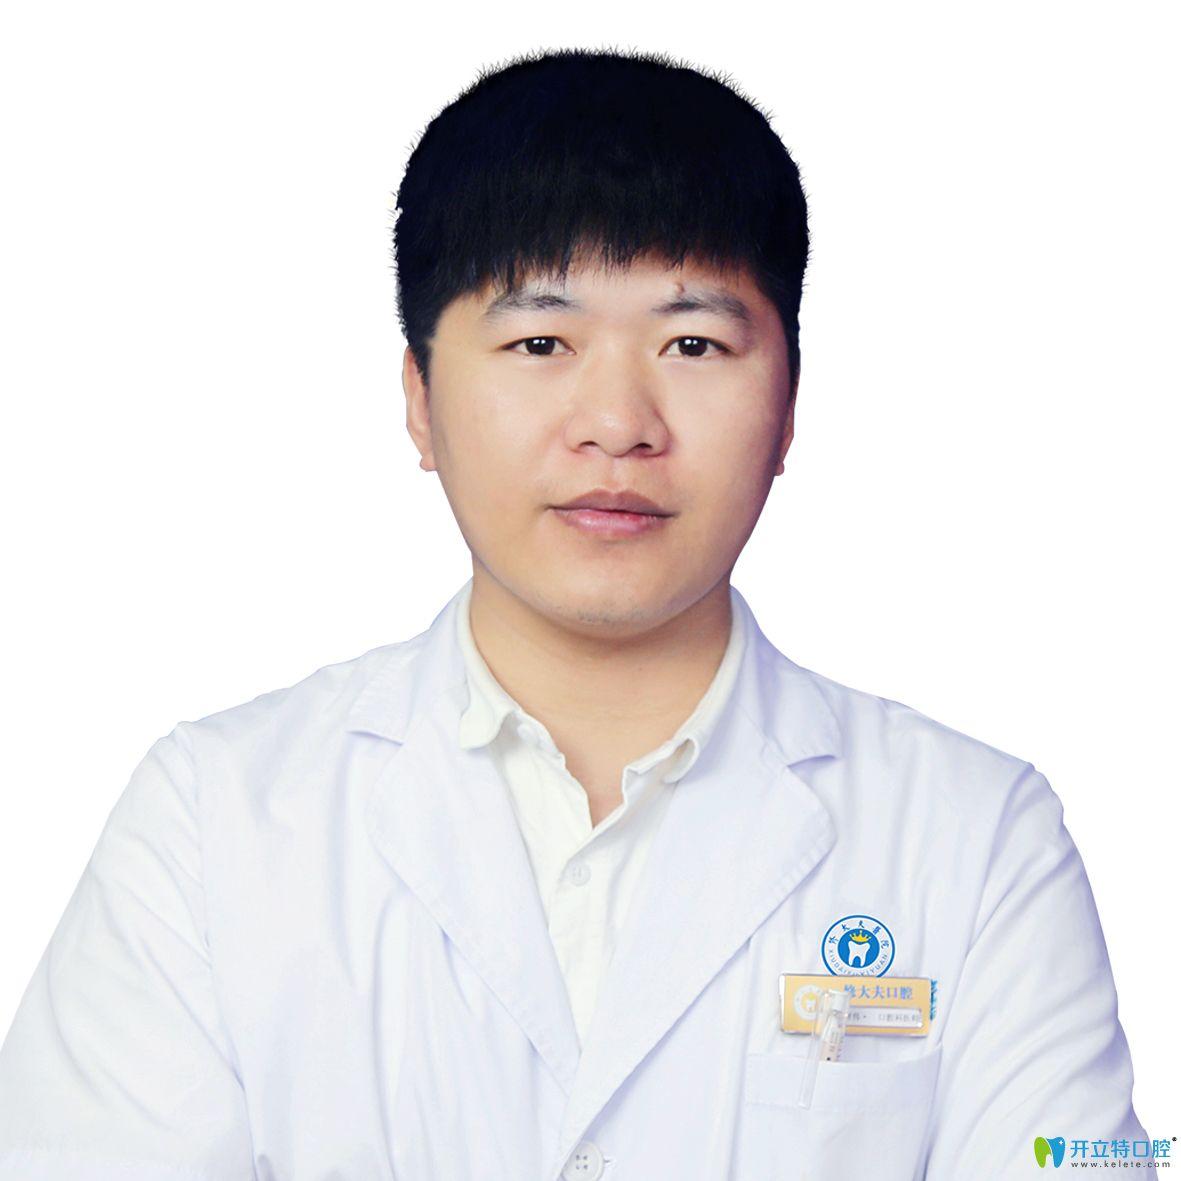 泉州晋江修大夫口腔中心林智伟